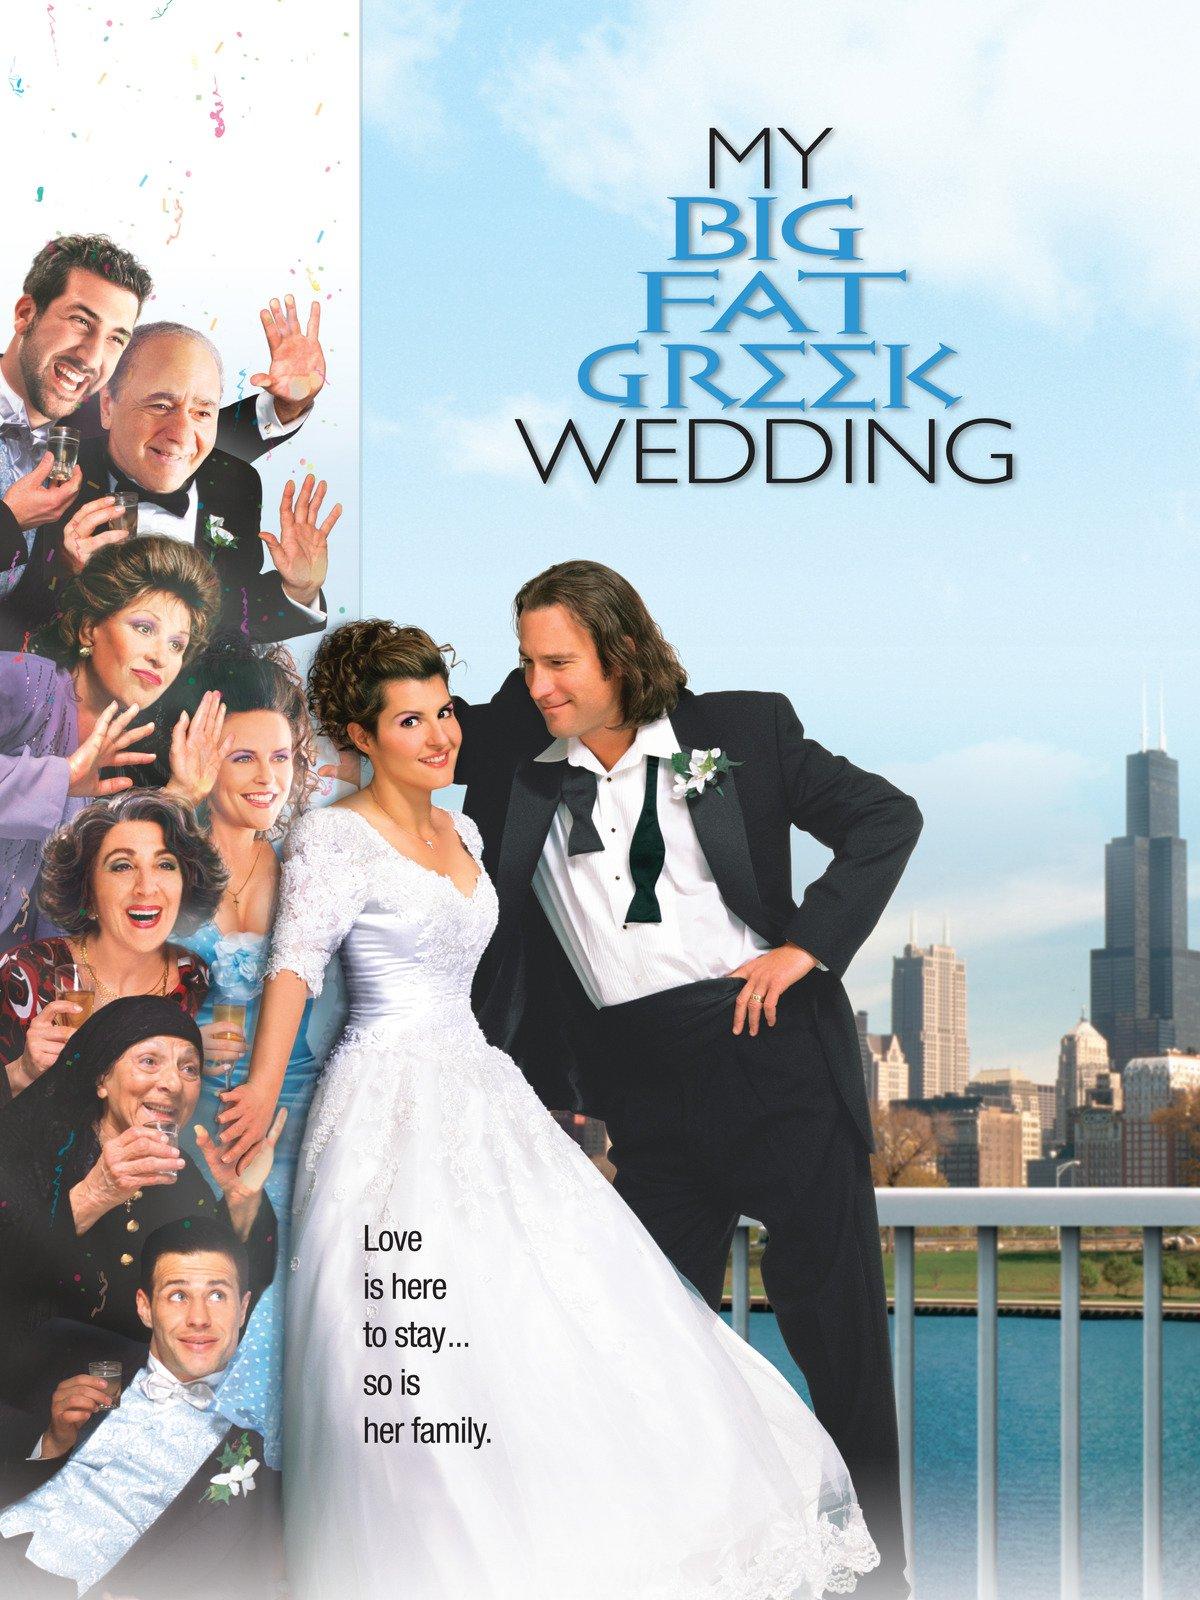 「my big fat greek wedding」の画像検索結果